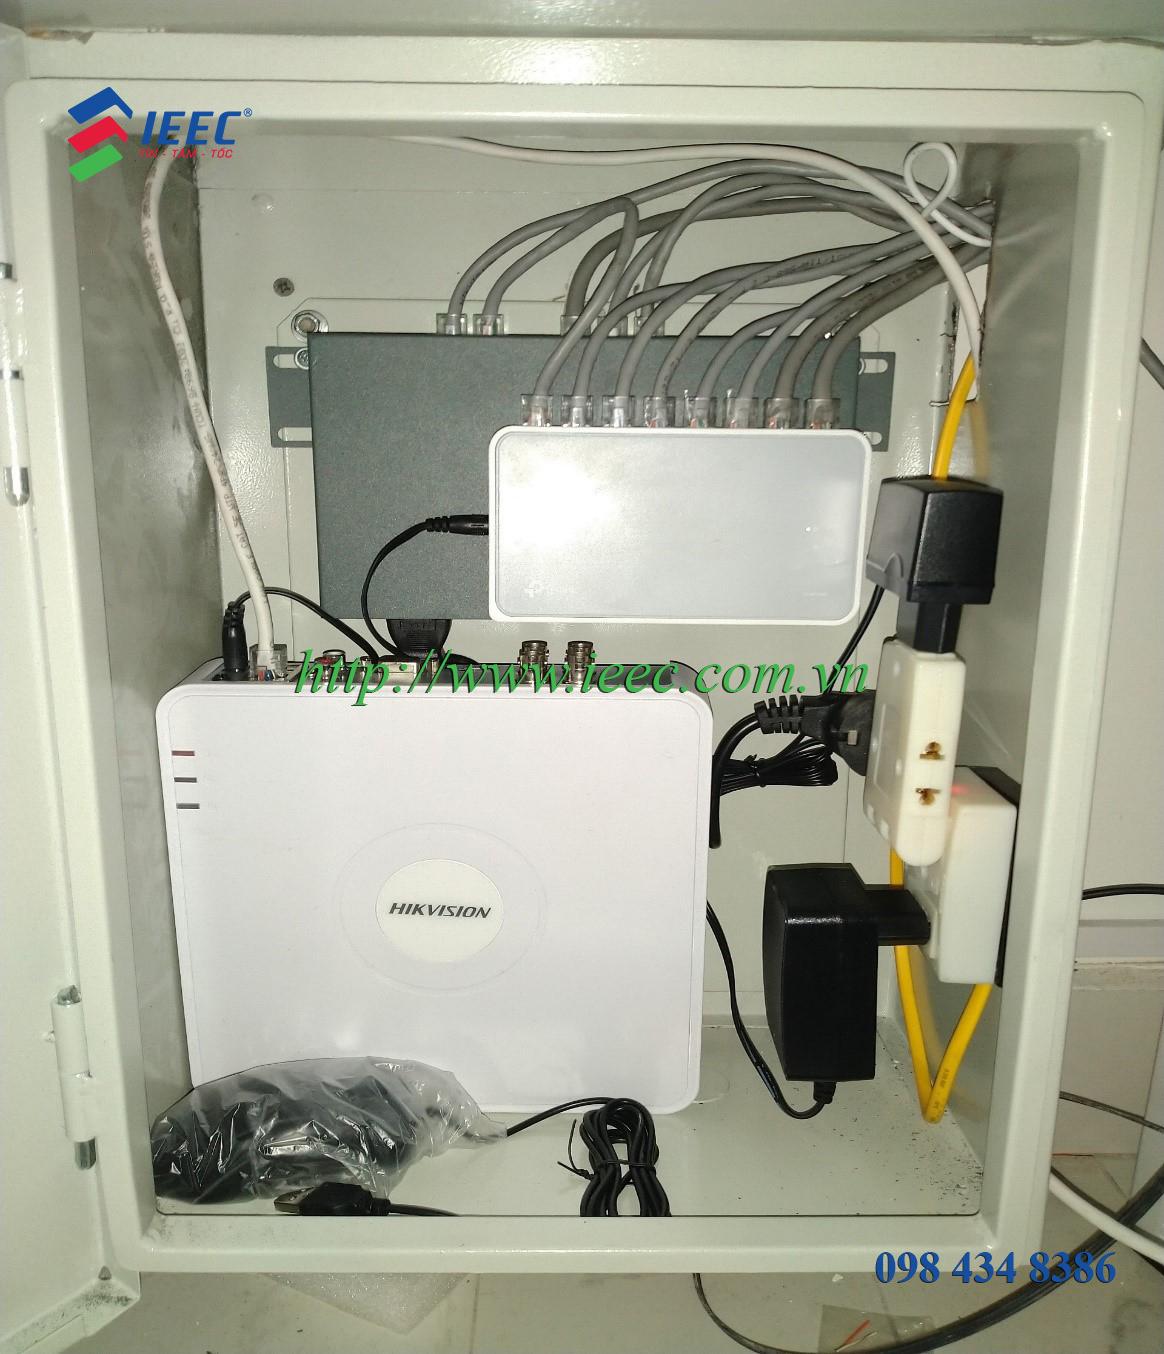 Ứng dụng của tủ điện nhẹ